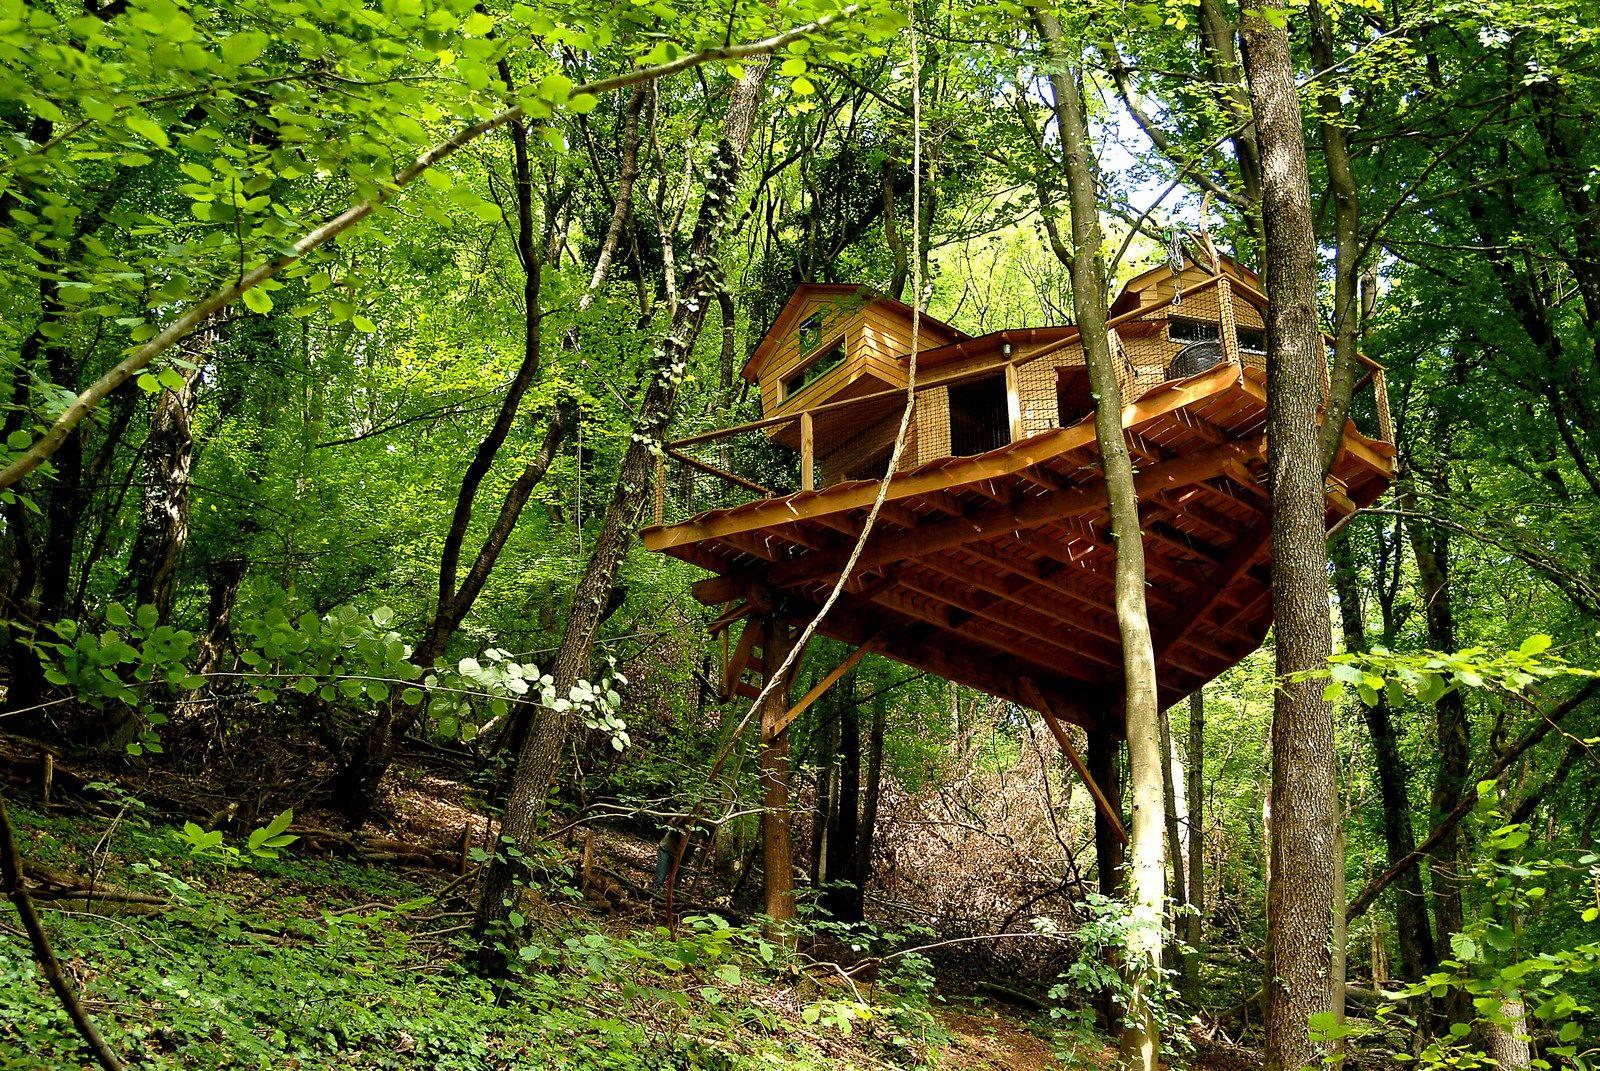 la cabane dans les arbres bacole lorraine tourisme. Black Bedroom Furniture Sets. Home Design Ideas